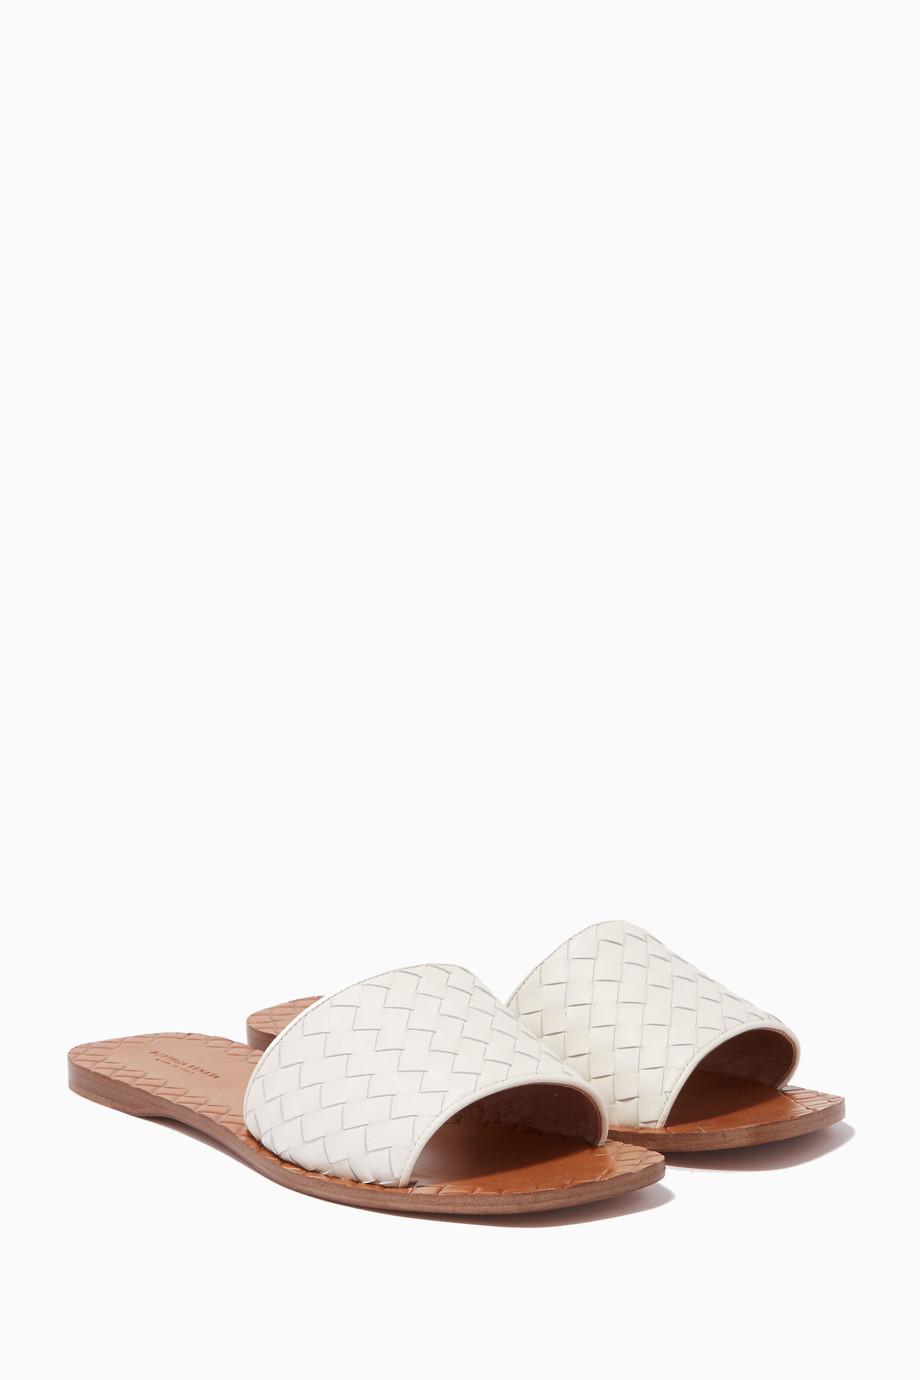 f47d8297a0d17 Shop Bottega Veneta White White Ravello Intrecciato Sandals for ...